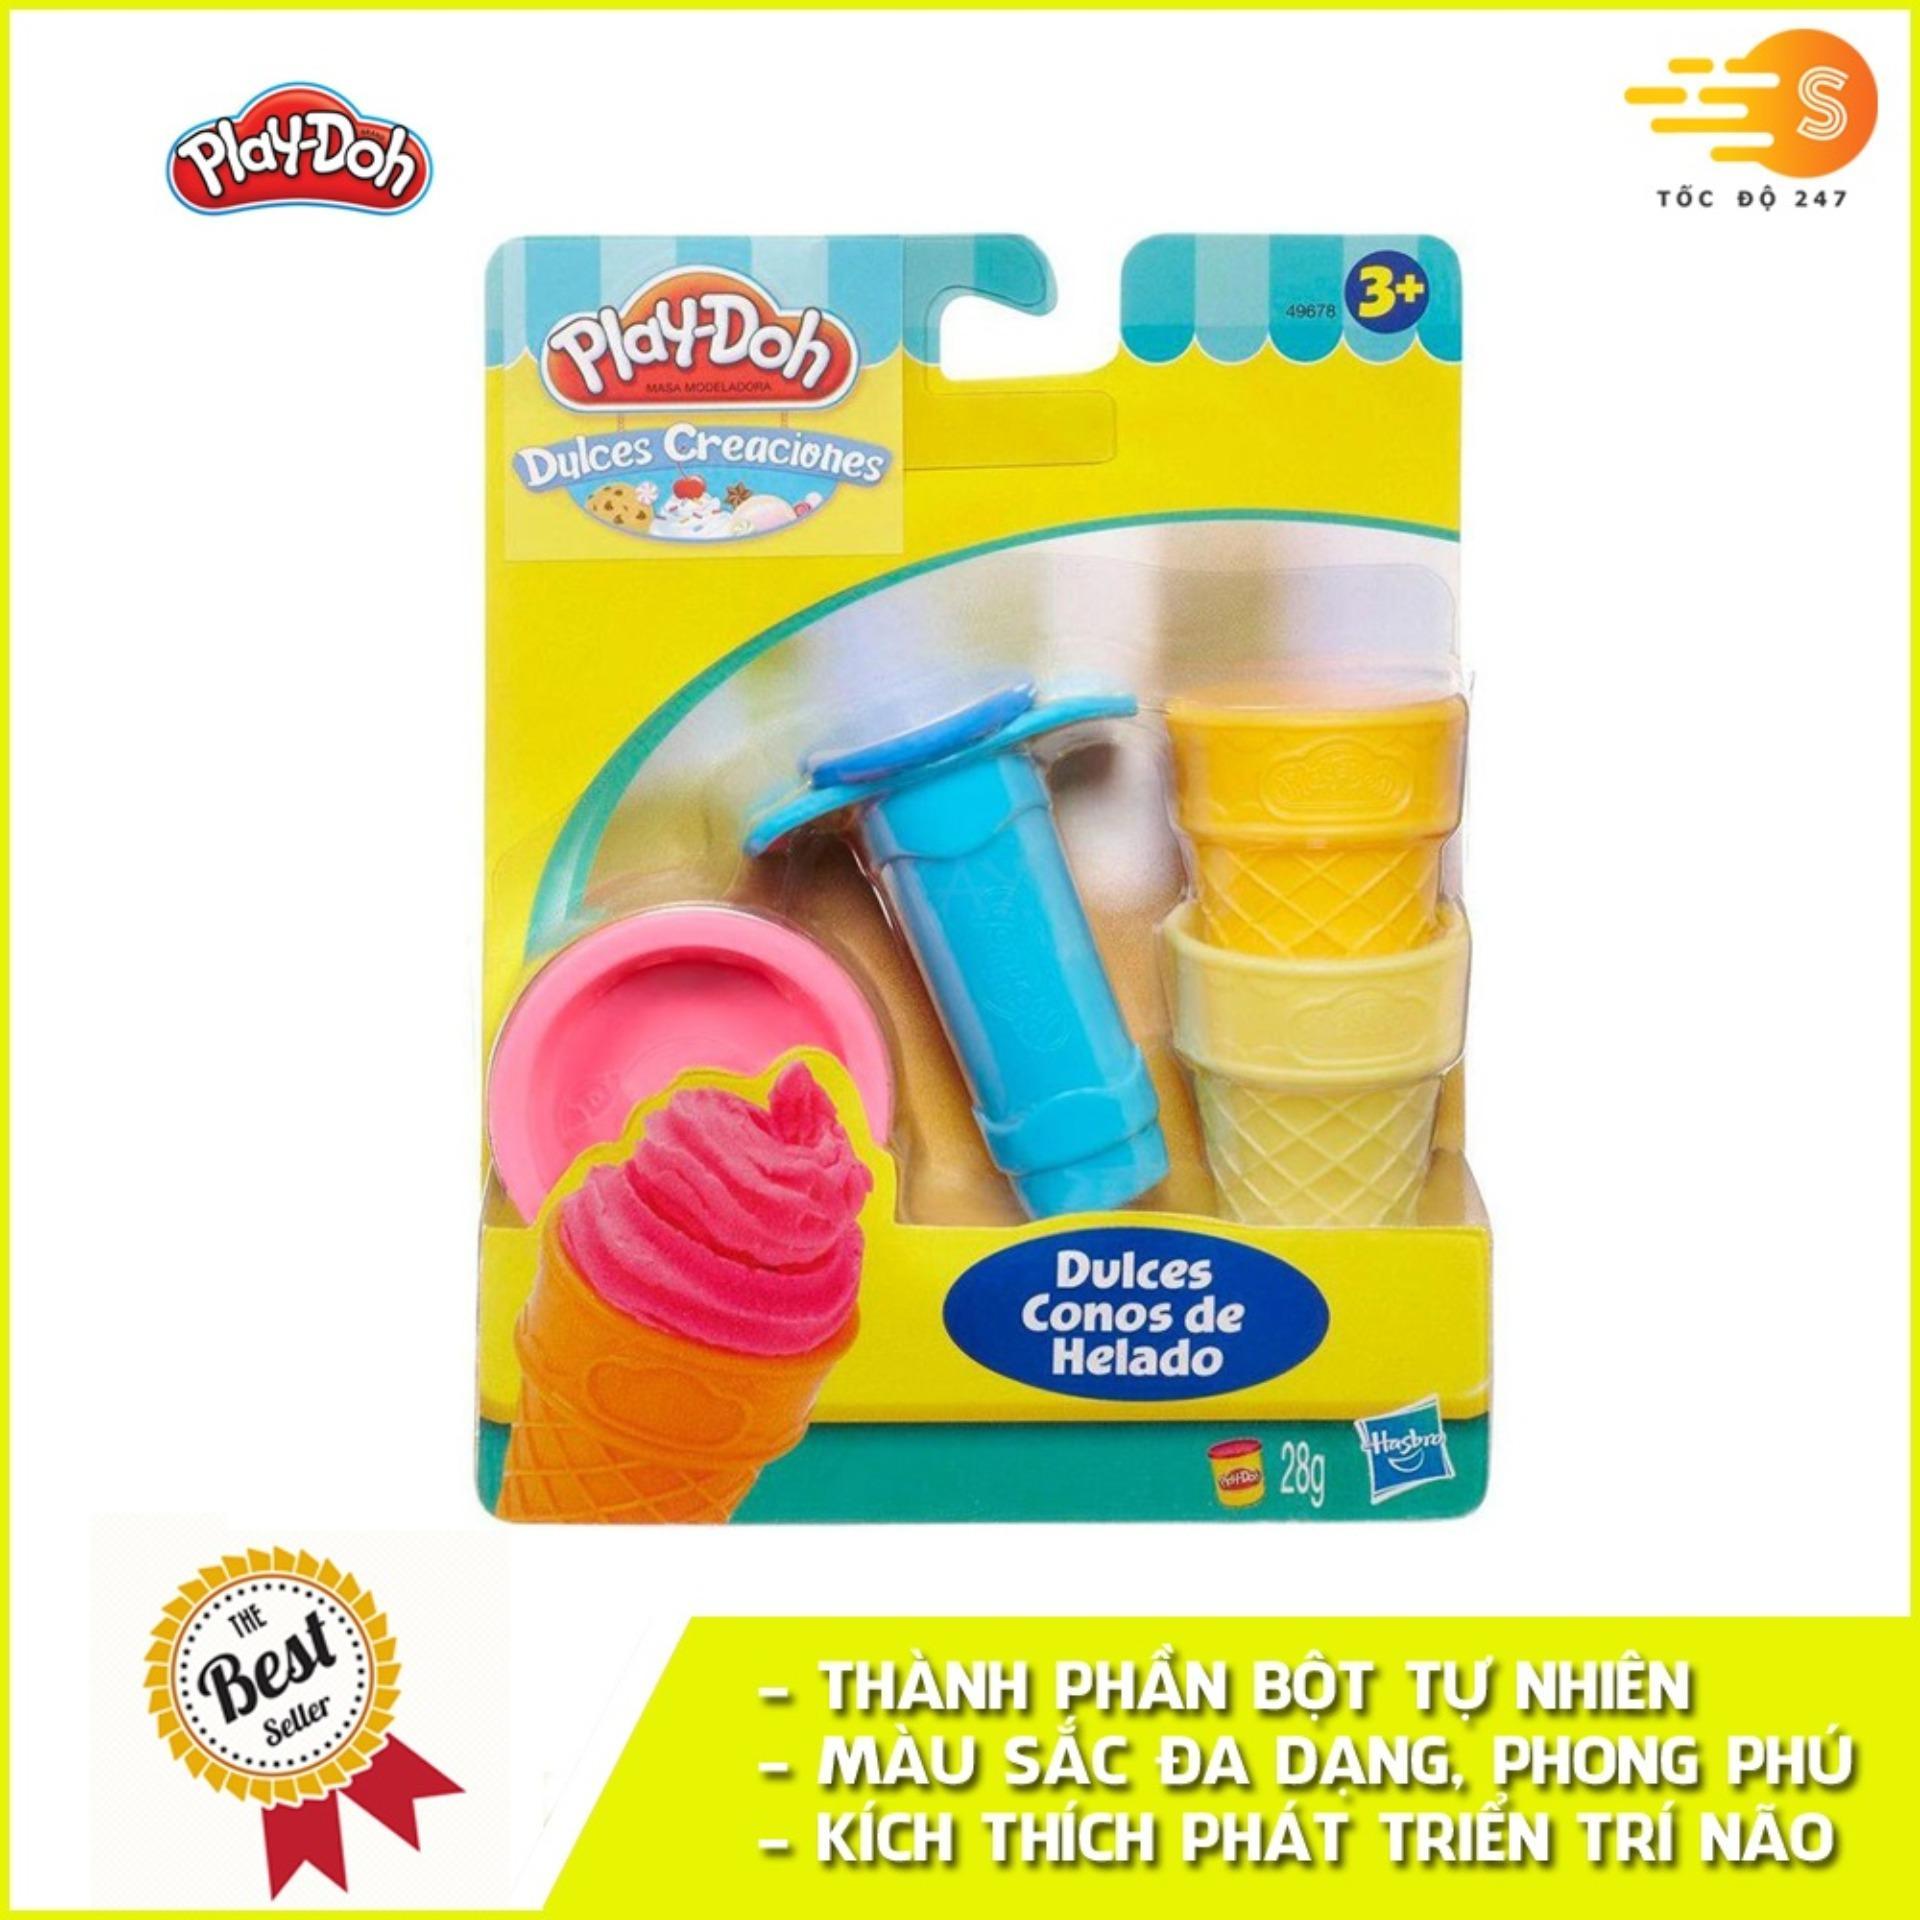 Bộ Bột Nặn Tạo Hình Làm Kem Mini Play-Doh 49654 Giá Quá Ưu Đãi